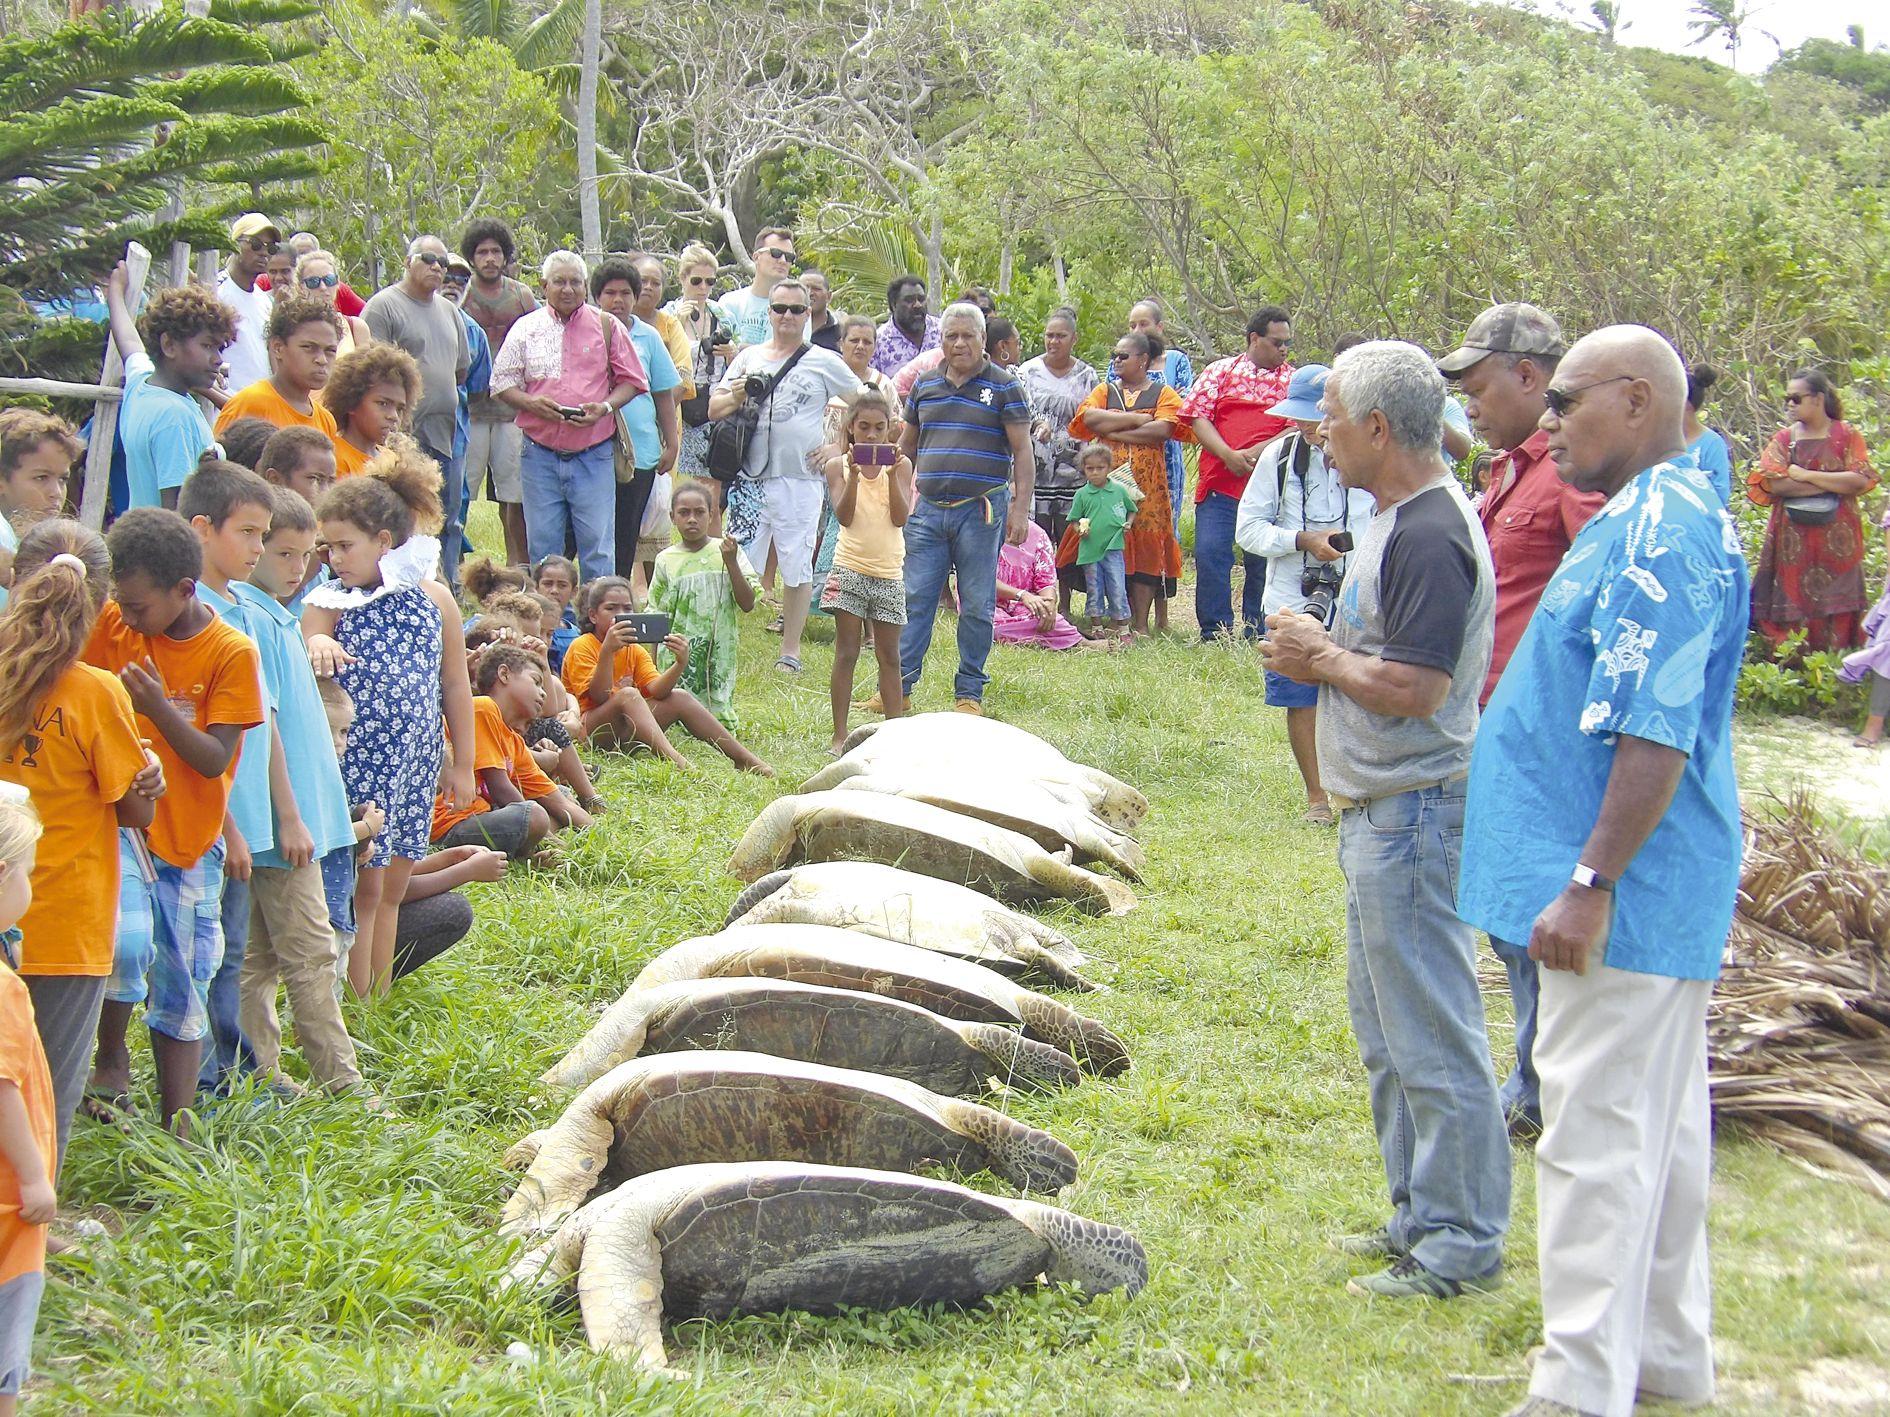 Point d\'orgue de la cérémonie de l\'igname nouvelle à Kunié, le partage des huit tortues, entre les tribus de l'île, à la baie de Saint-Maurice, où sont arrivés les premiers missionnaires. Le grand chef a mené la cérémonie de partage des animaux marins,